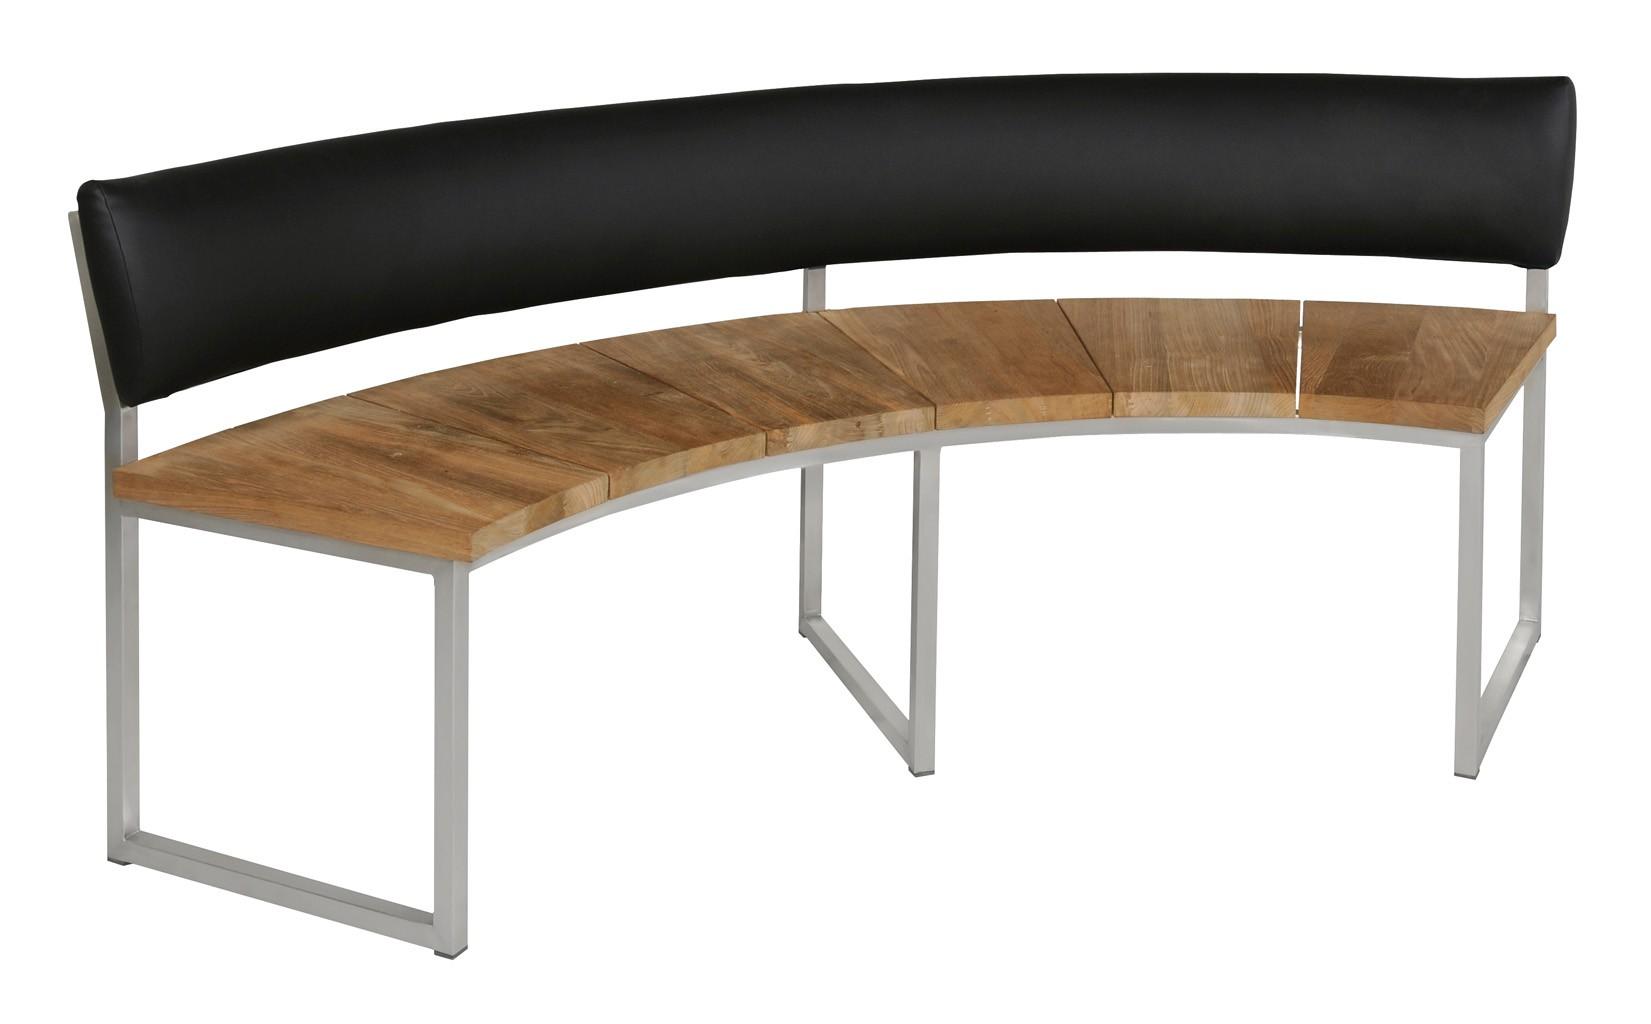 Bauhaus Gartenbank Teak Halbkreisförmig